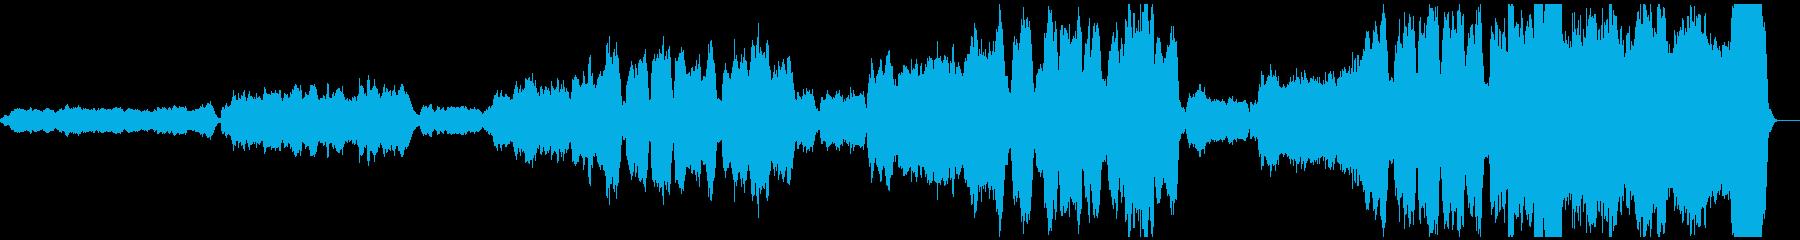 パイプオルガンで弾くホルストのジュピターの再生済みの波形